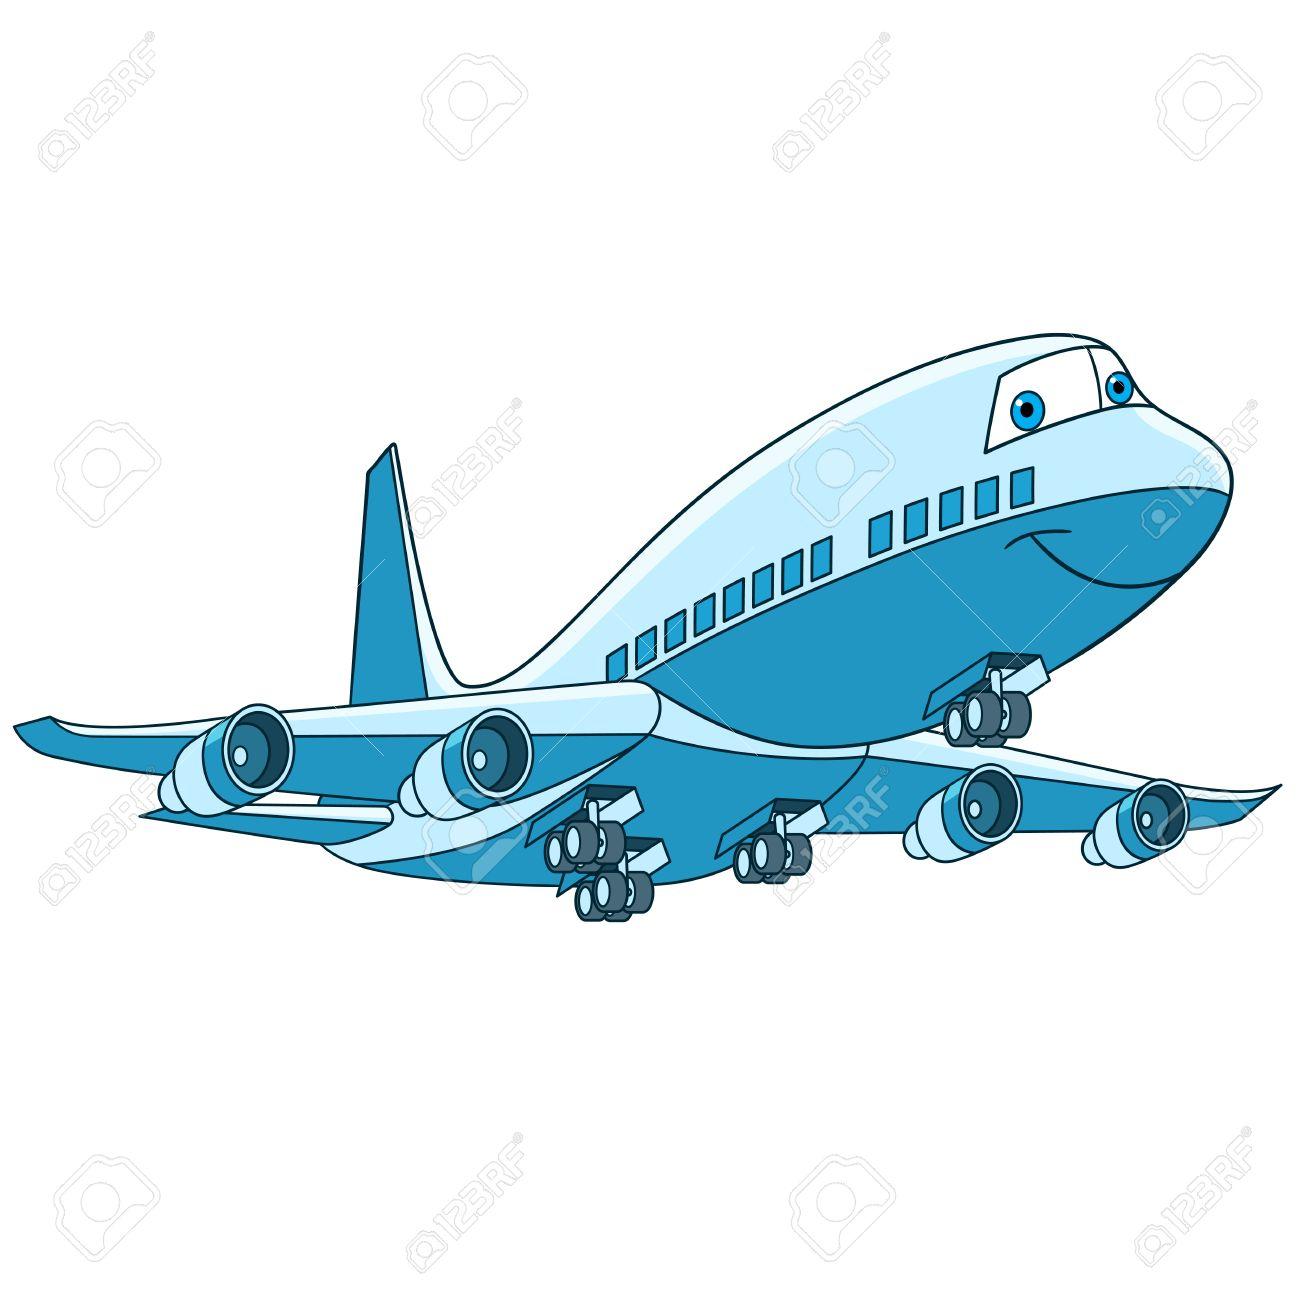 """Résultat de recherche d'images pour """"avion clipart sans fond"""""""